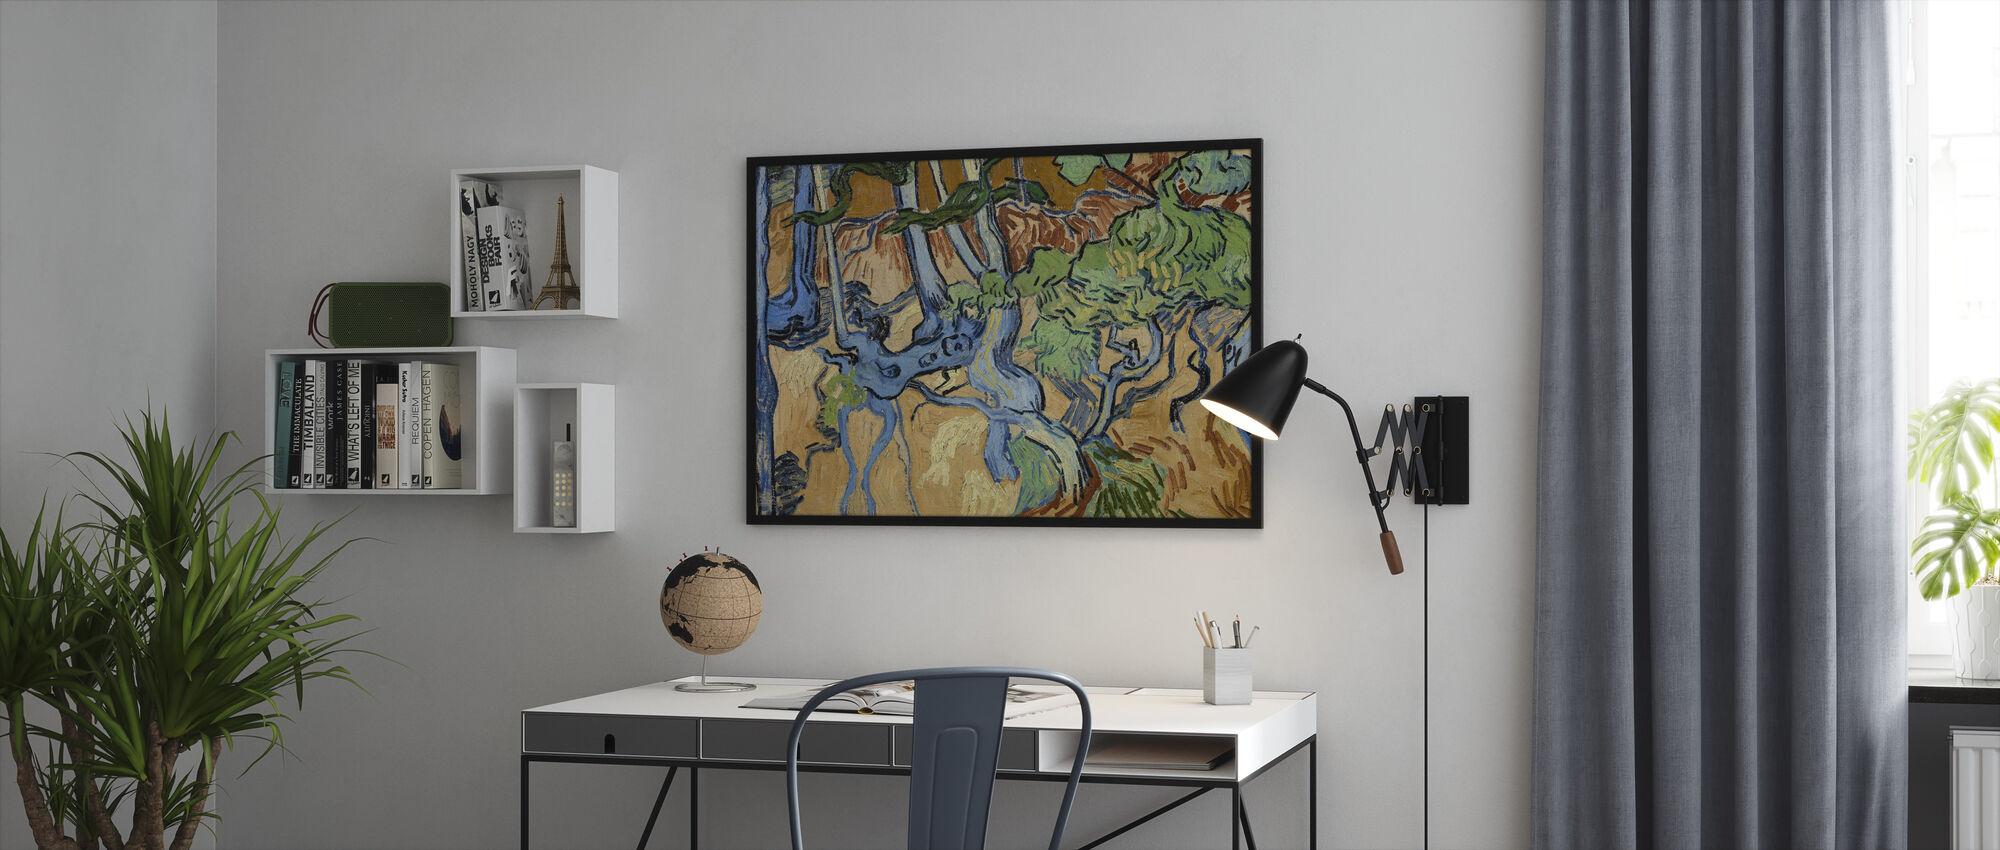 Rötter - Vincent Van Gogh - Inramad tavla - Kontor